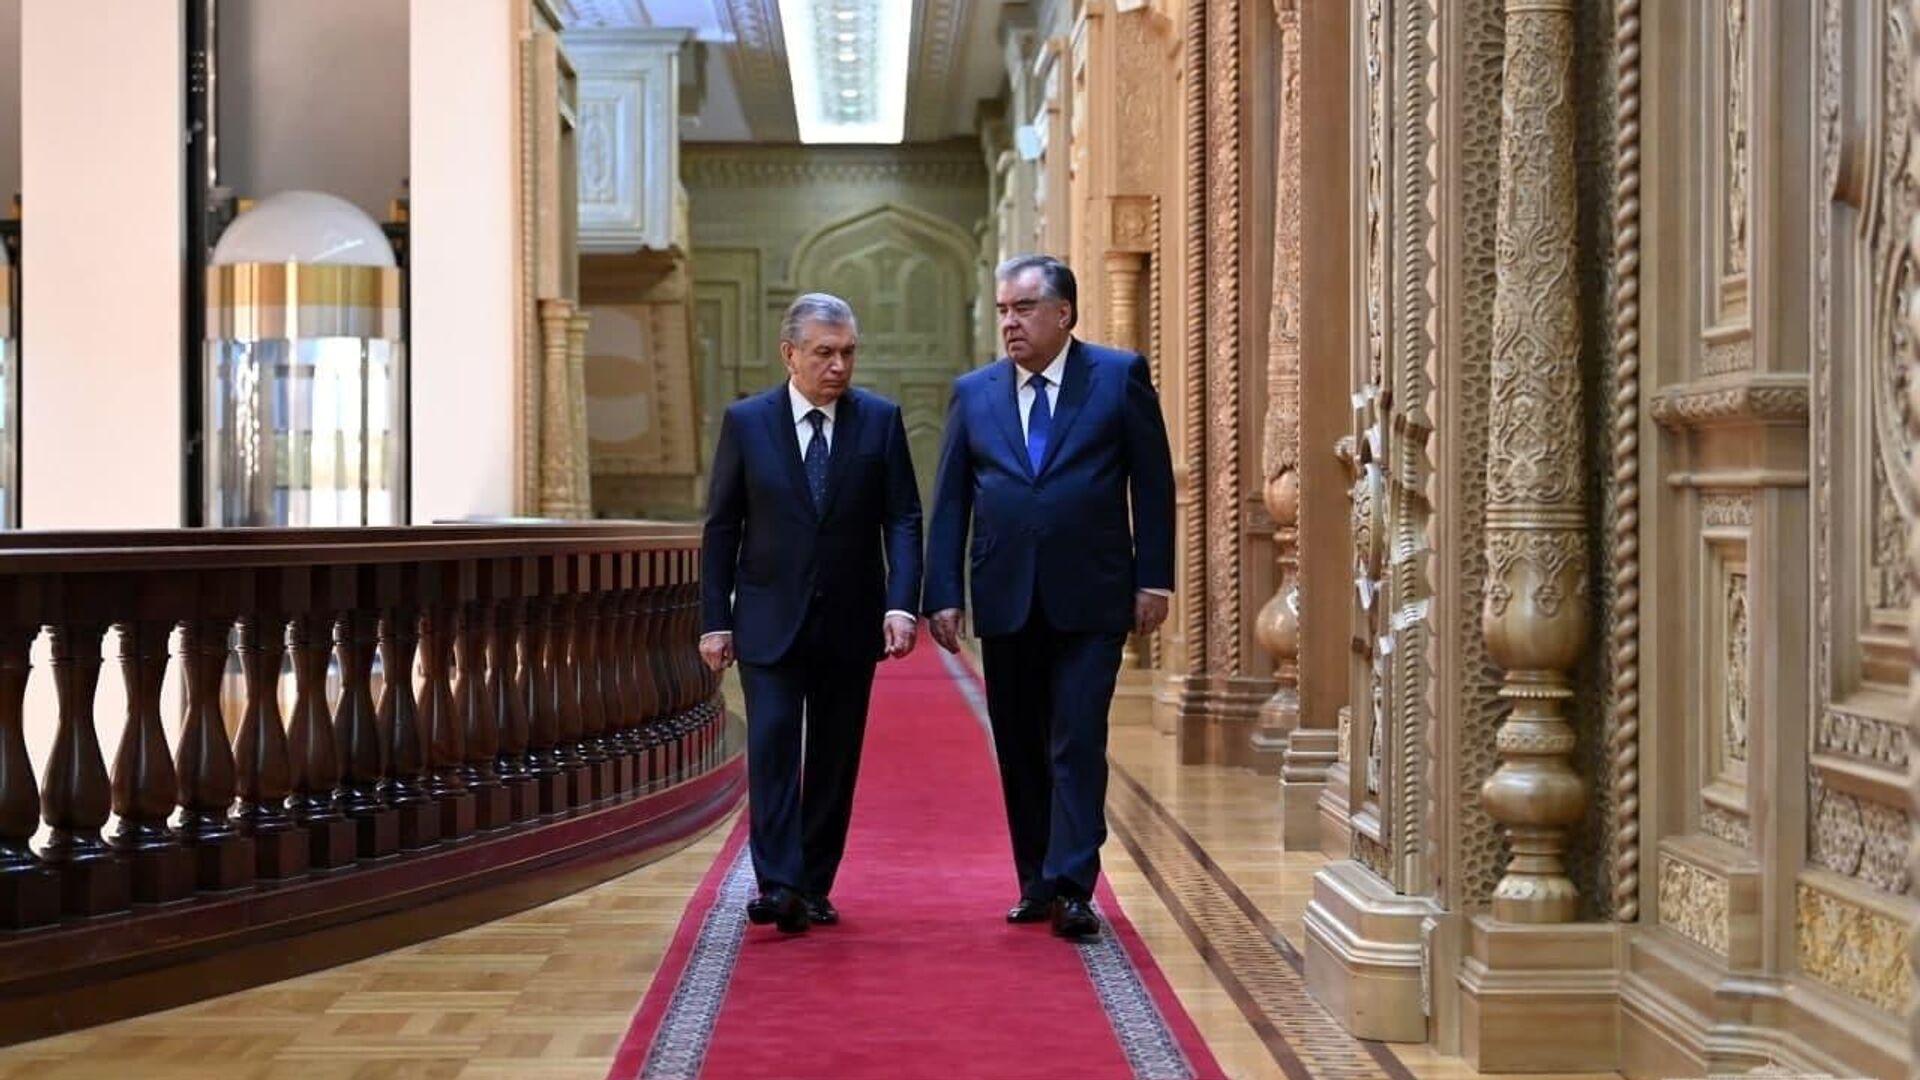 Лидеры Узбекистана и Таджикистана провели встречу в Душанбе - Sputnik Ўзбекистон, 1920, 16.09.2021